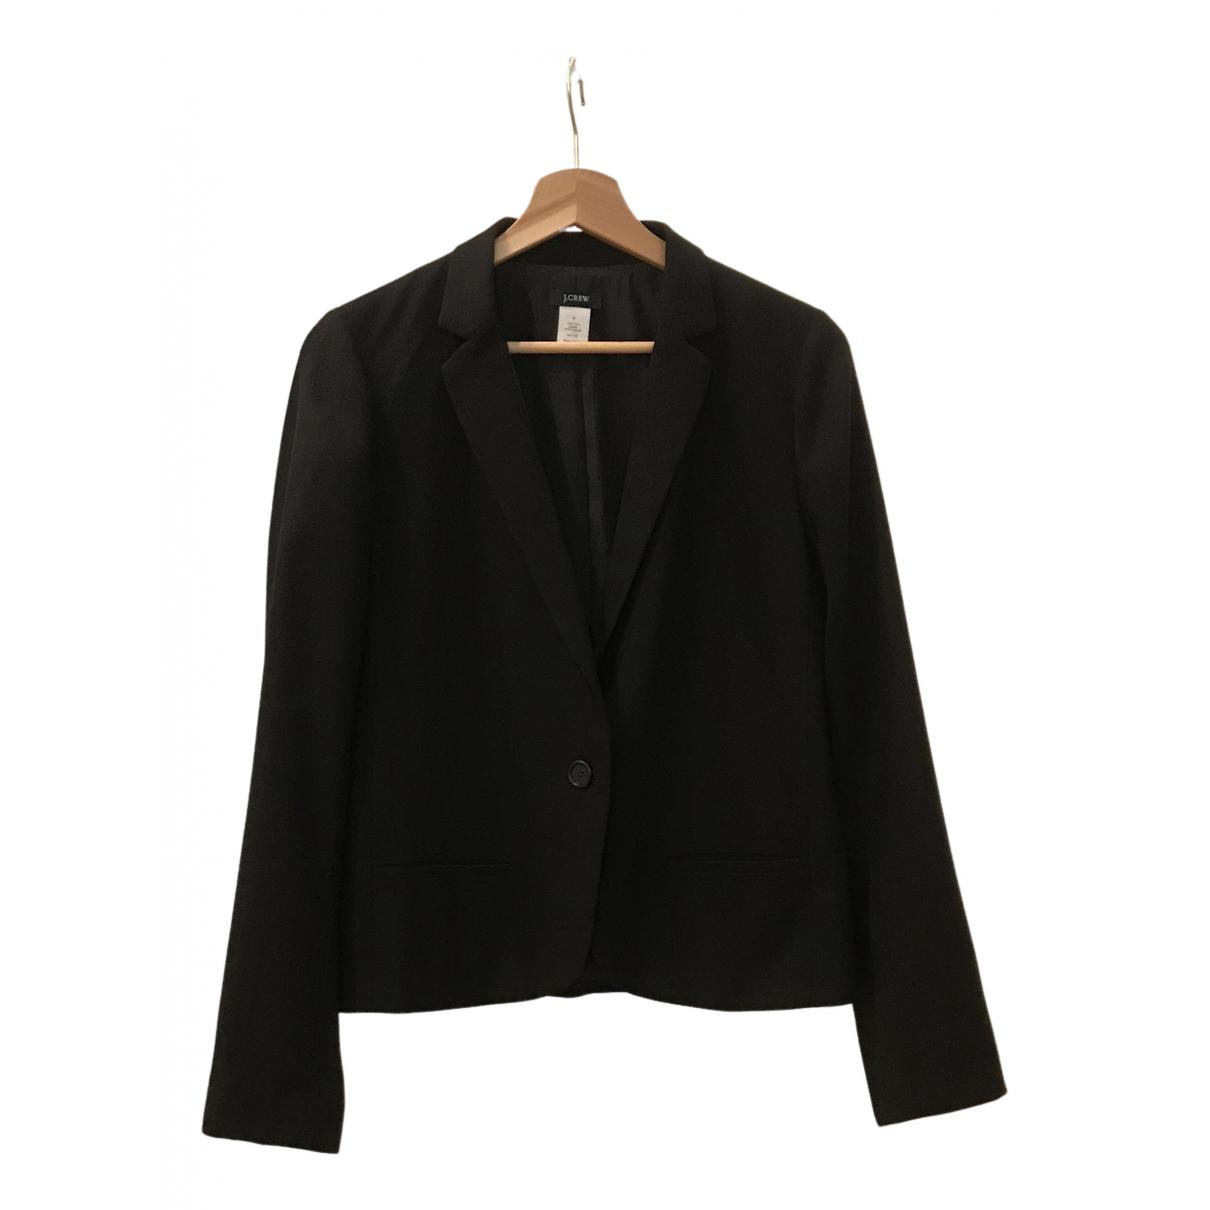 J.crew - Veste   pour femme en laine - noir